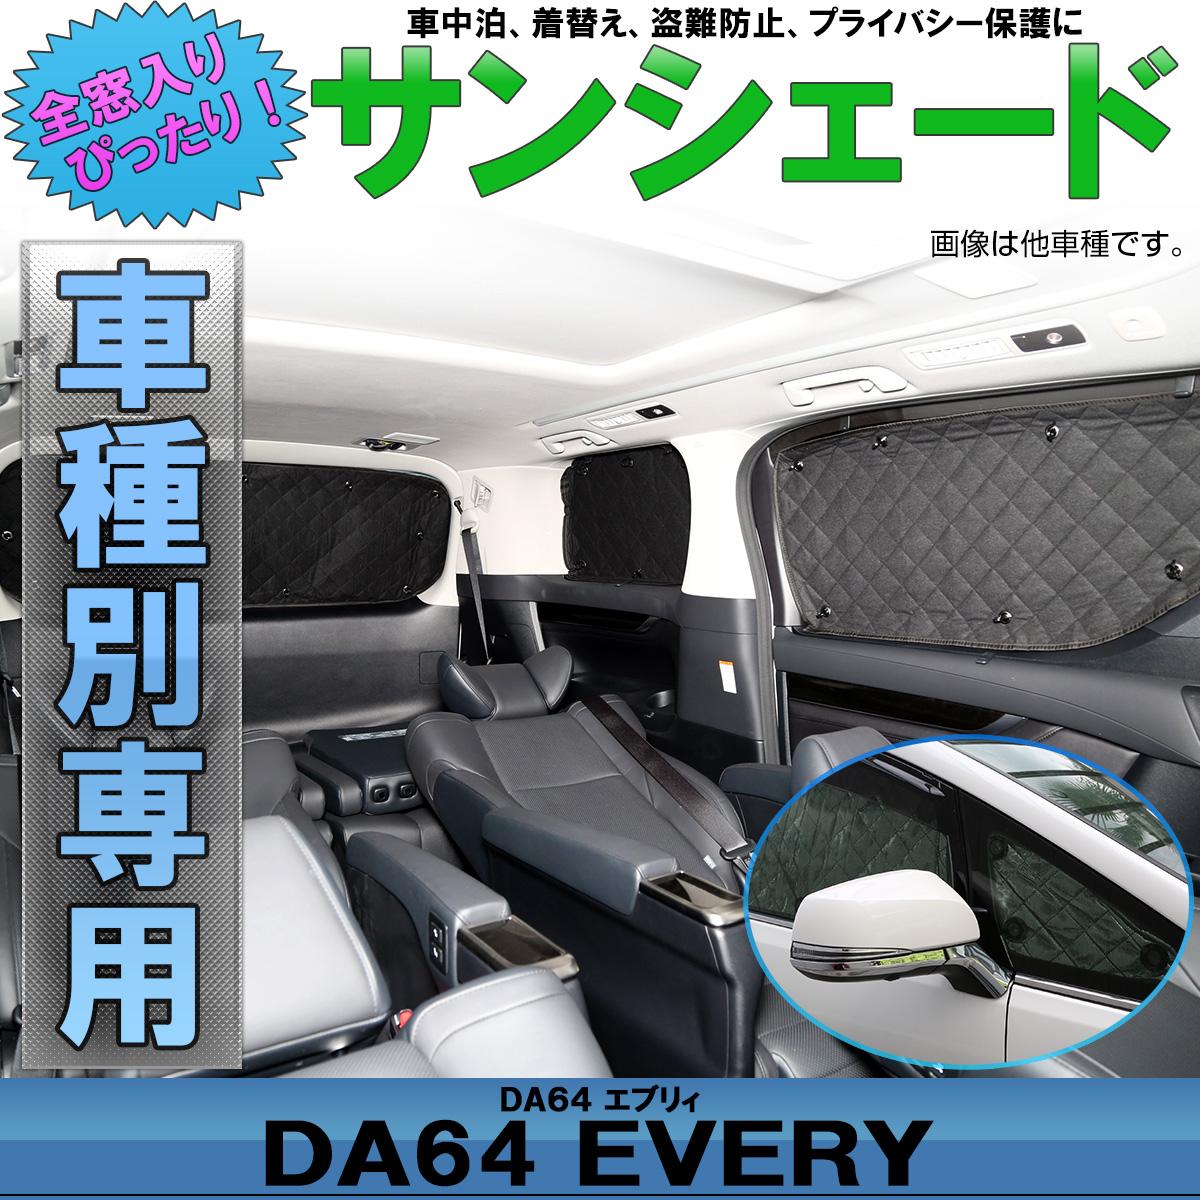 スズキ DA64V DA64W エブリィ エブリイ 専用設計 サンシェード全窓用セット 5層構造 ブラックメッシュ 車中泊 S-644